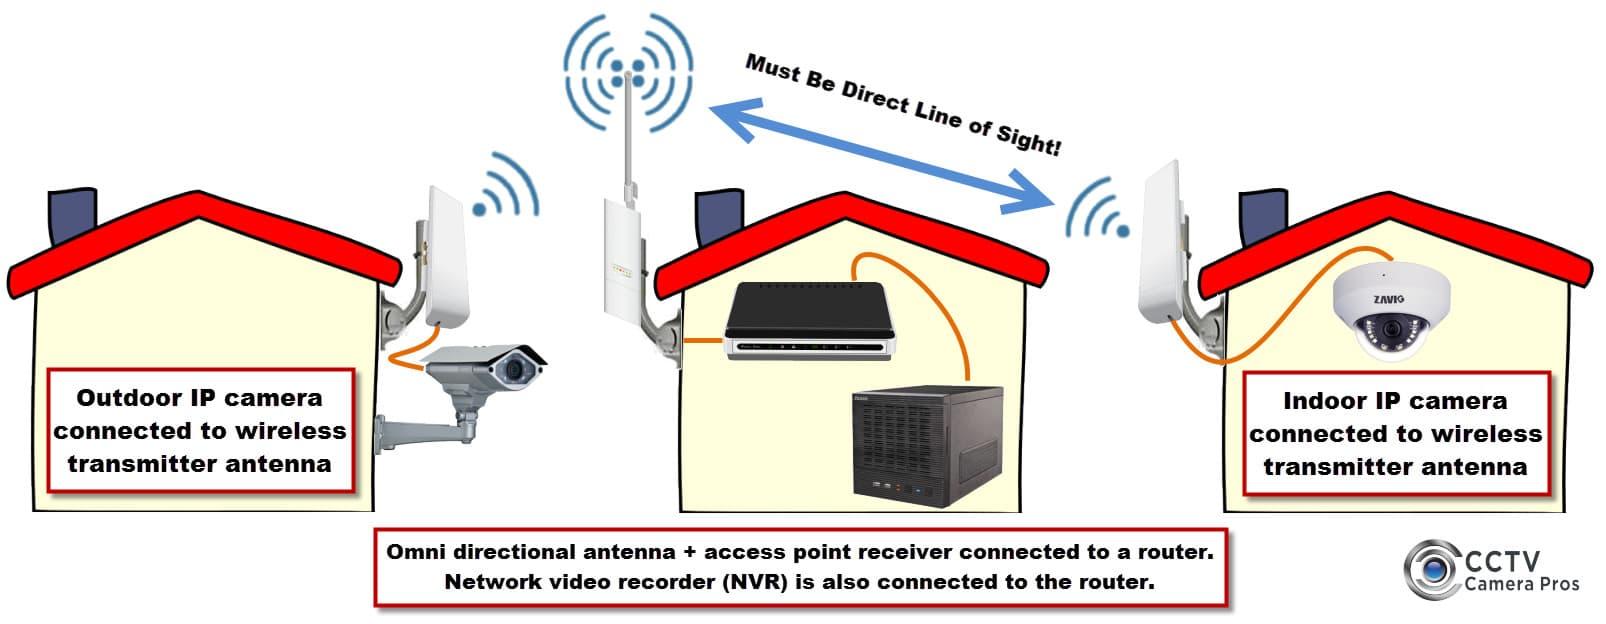 Best Outdoor Wireless Security Cameras